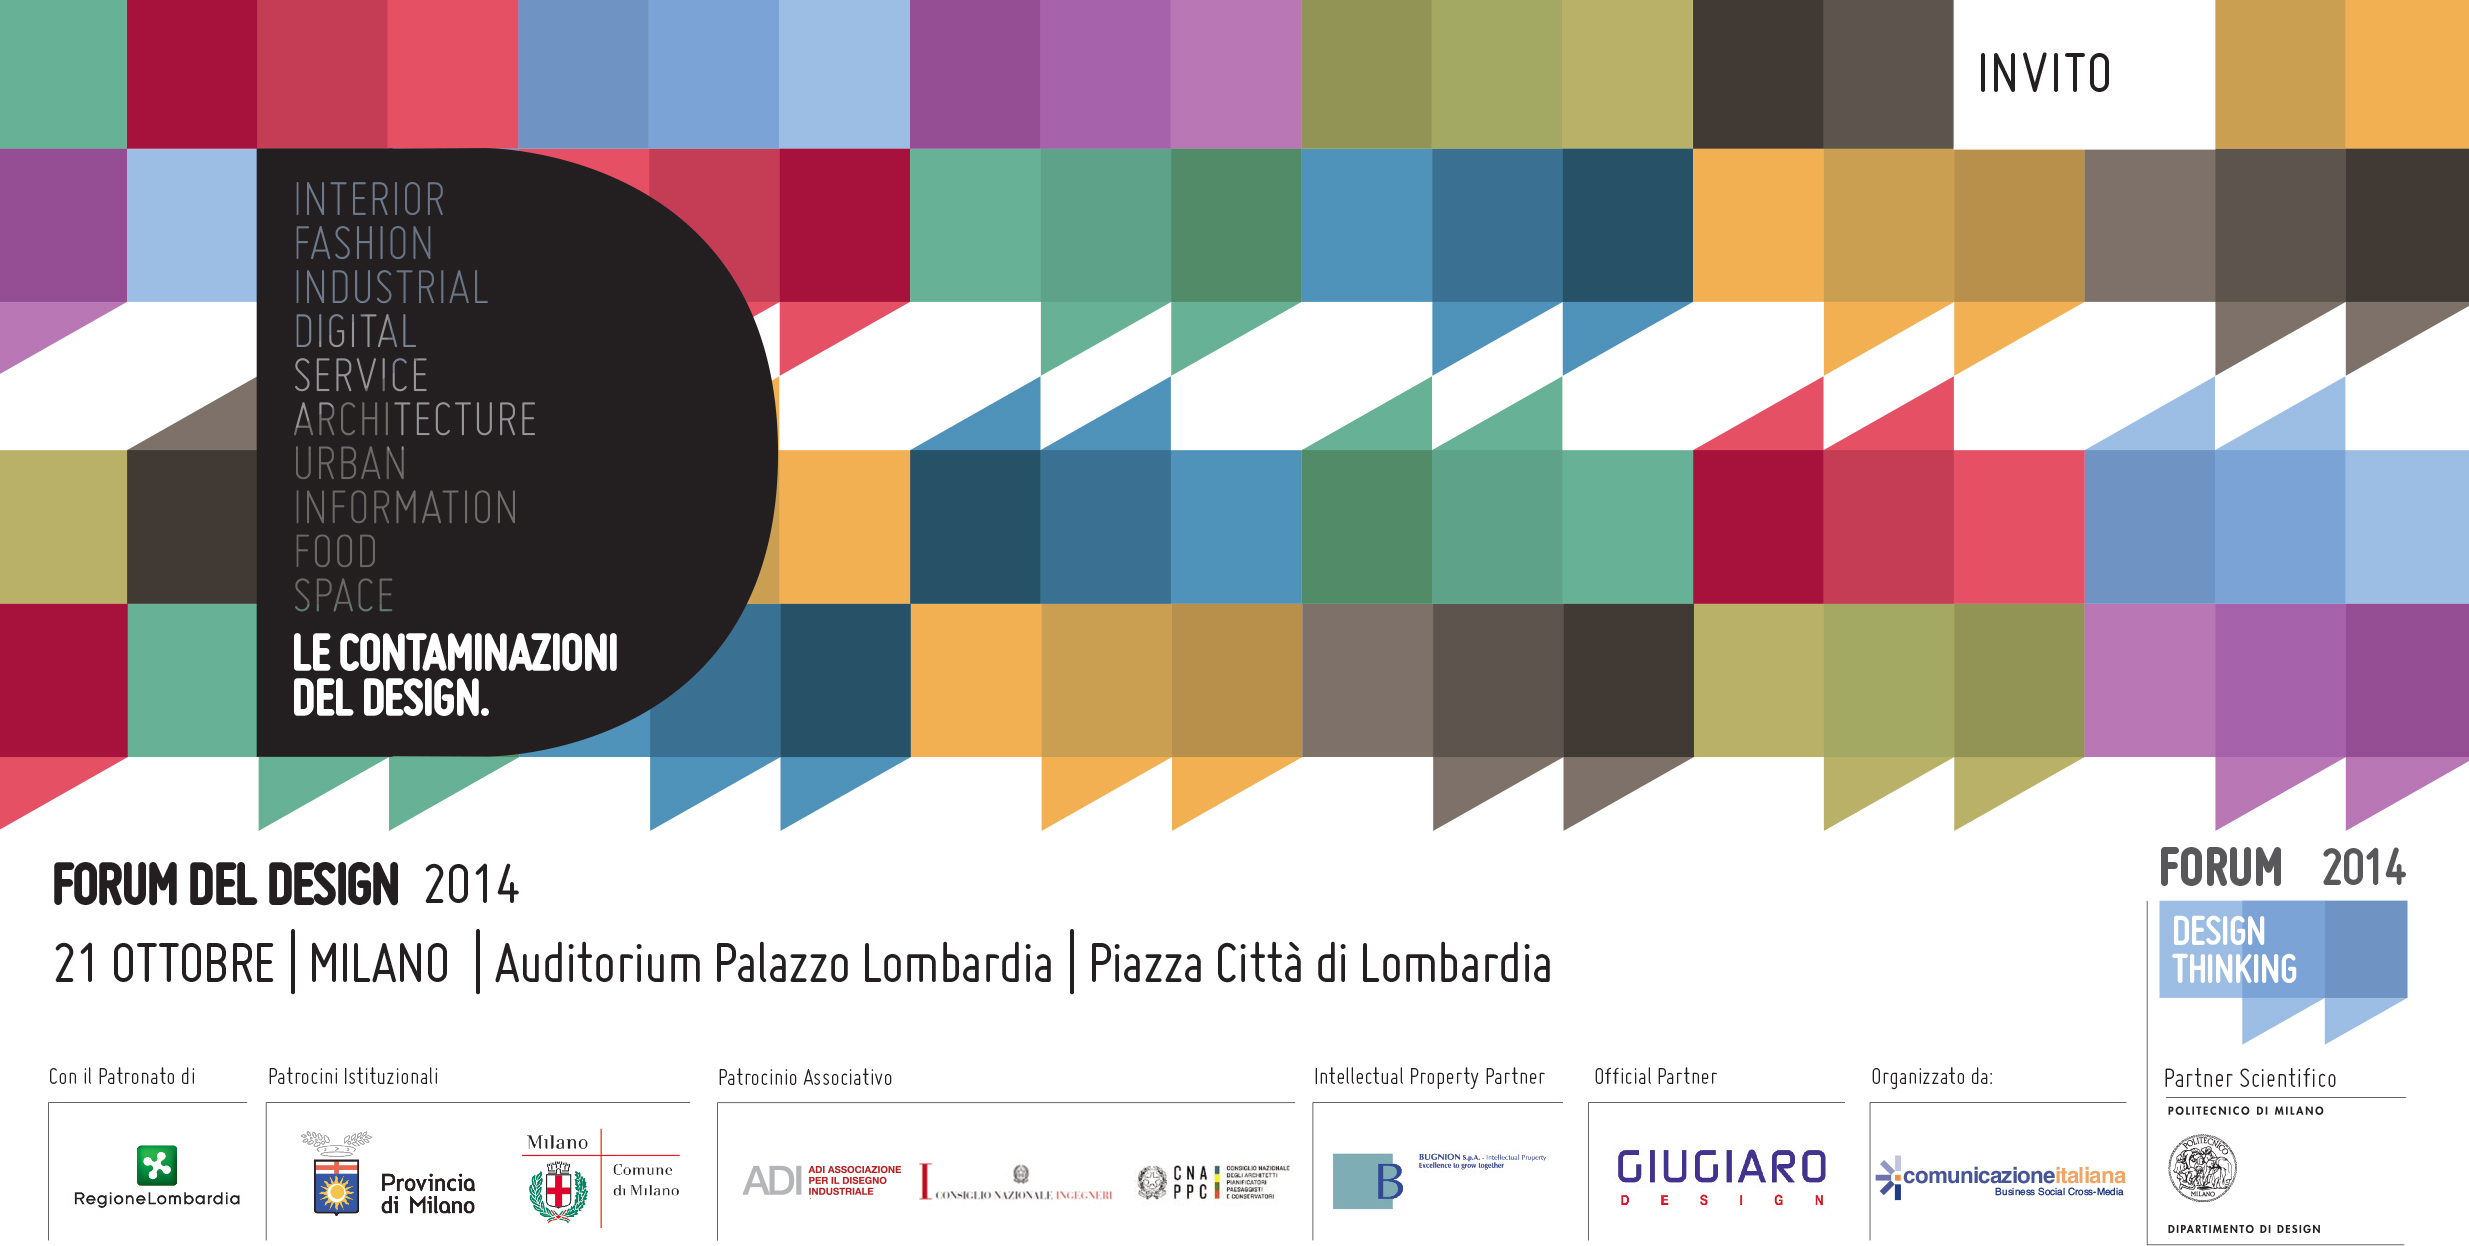 21.10.2014 Speaker at Forum del Design, Palazzo Lombardia, Milano